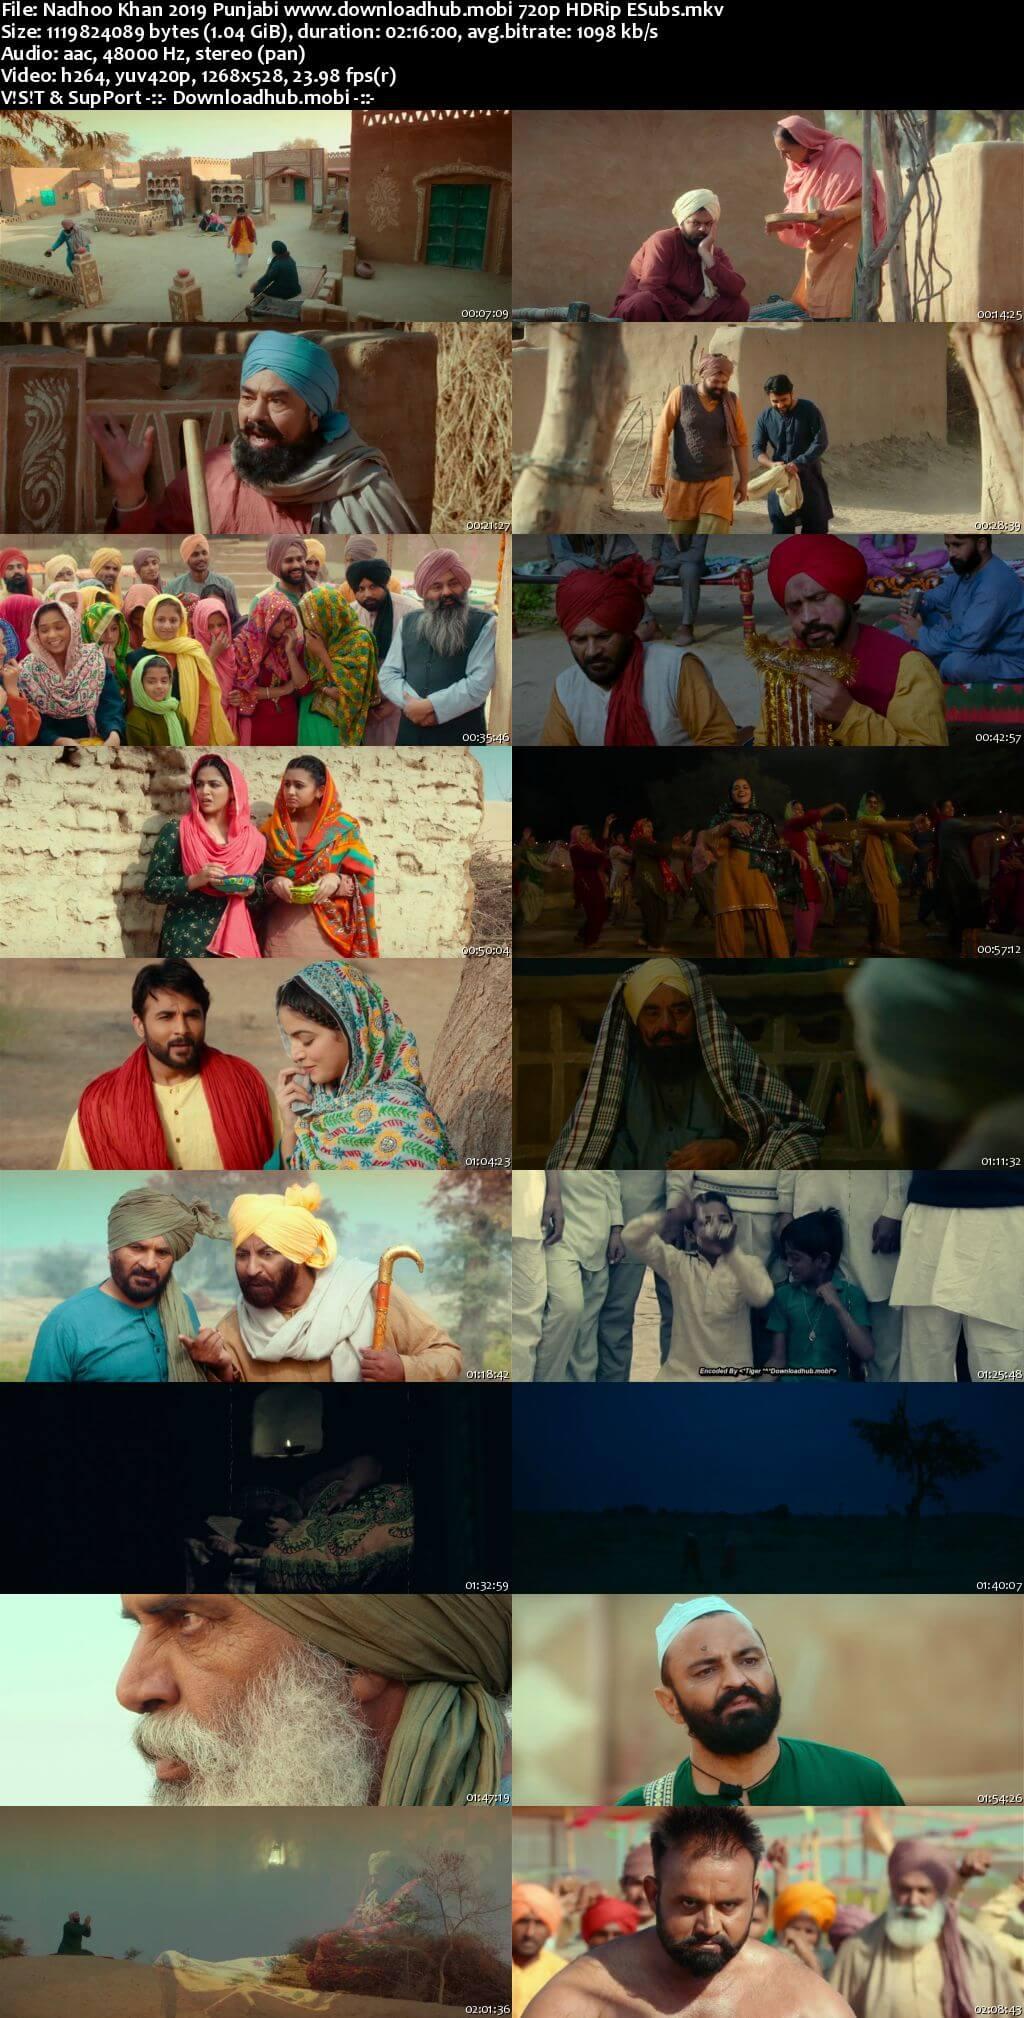 Nadhoo Khan 2019 Punjabi 720p HDRip ESubs